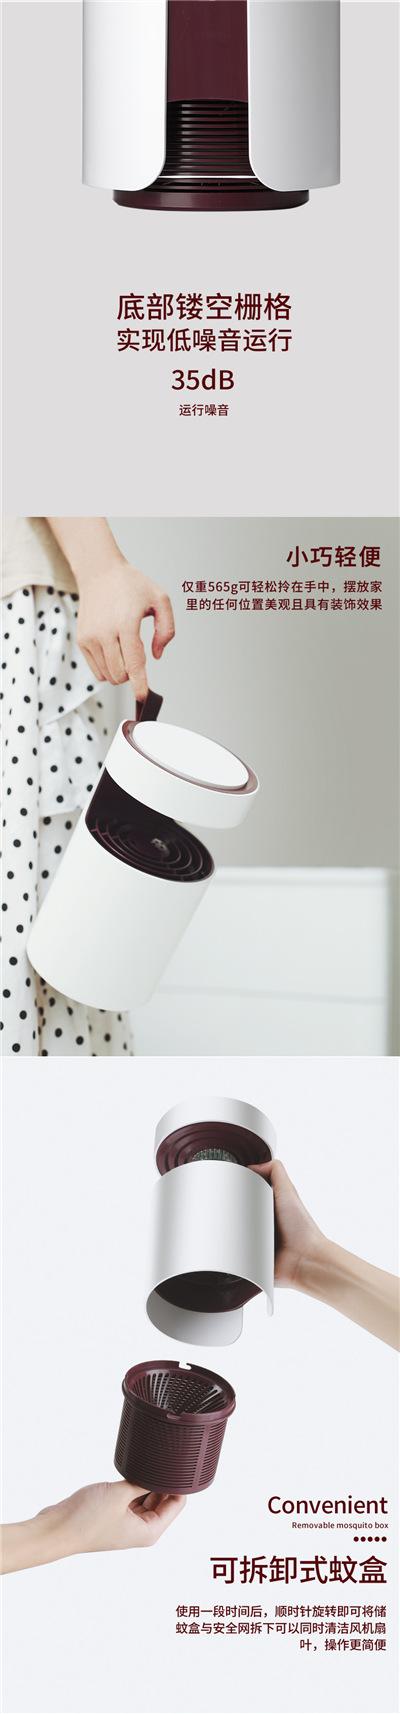 灭蚊灯家用灭蚊神器_室内驱蚊器